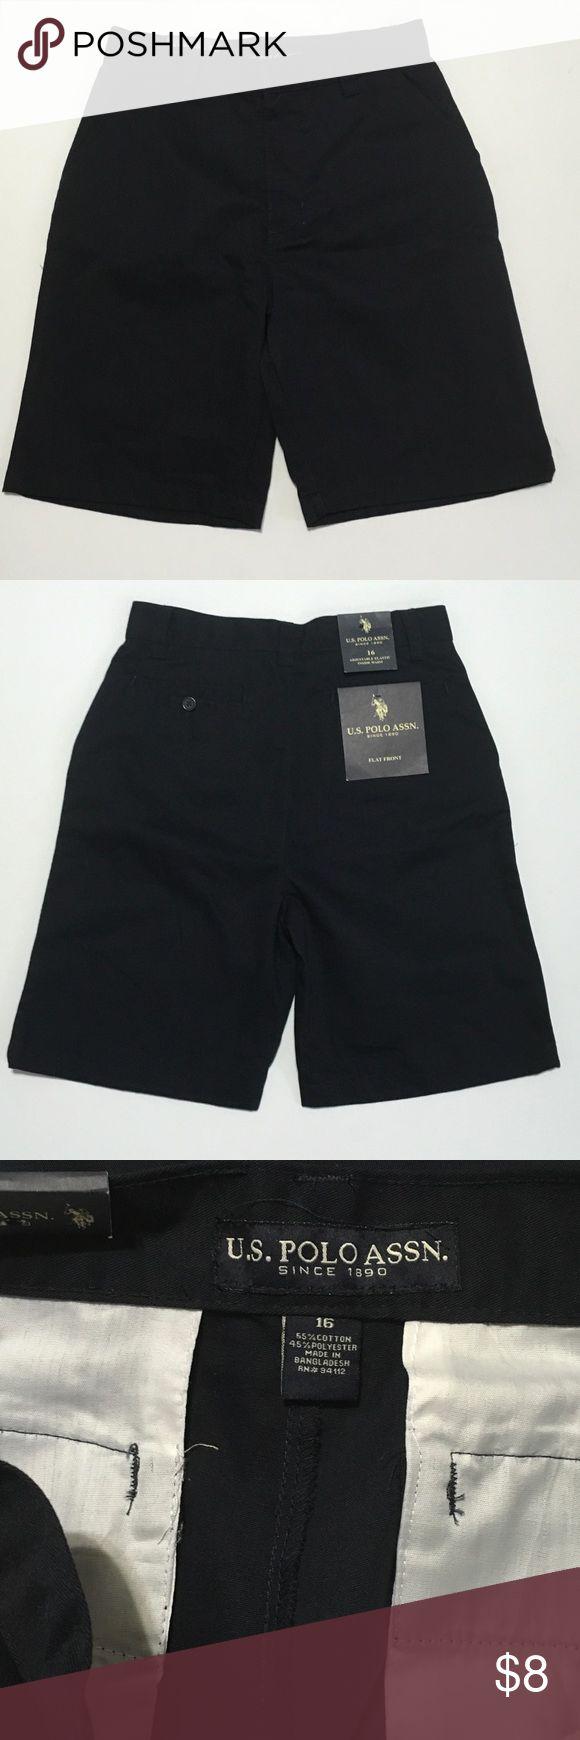 Boys US Polo Assn navy blue uniform shorts size 16 Brand new. us polo assn Bottoms